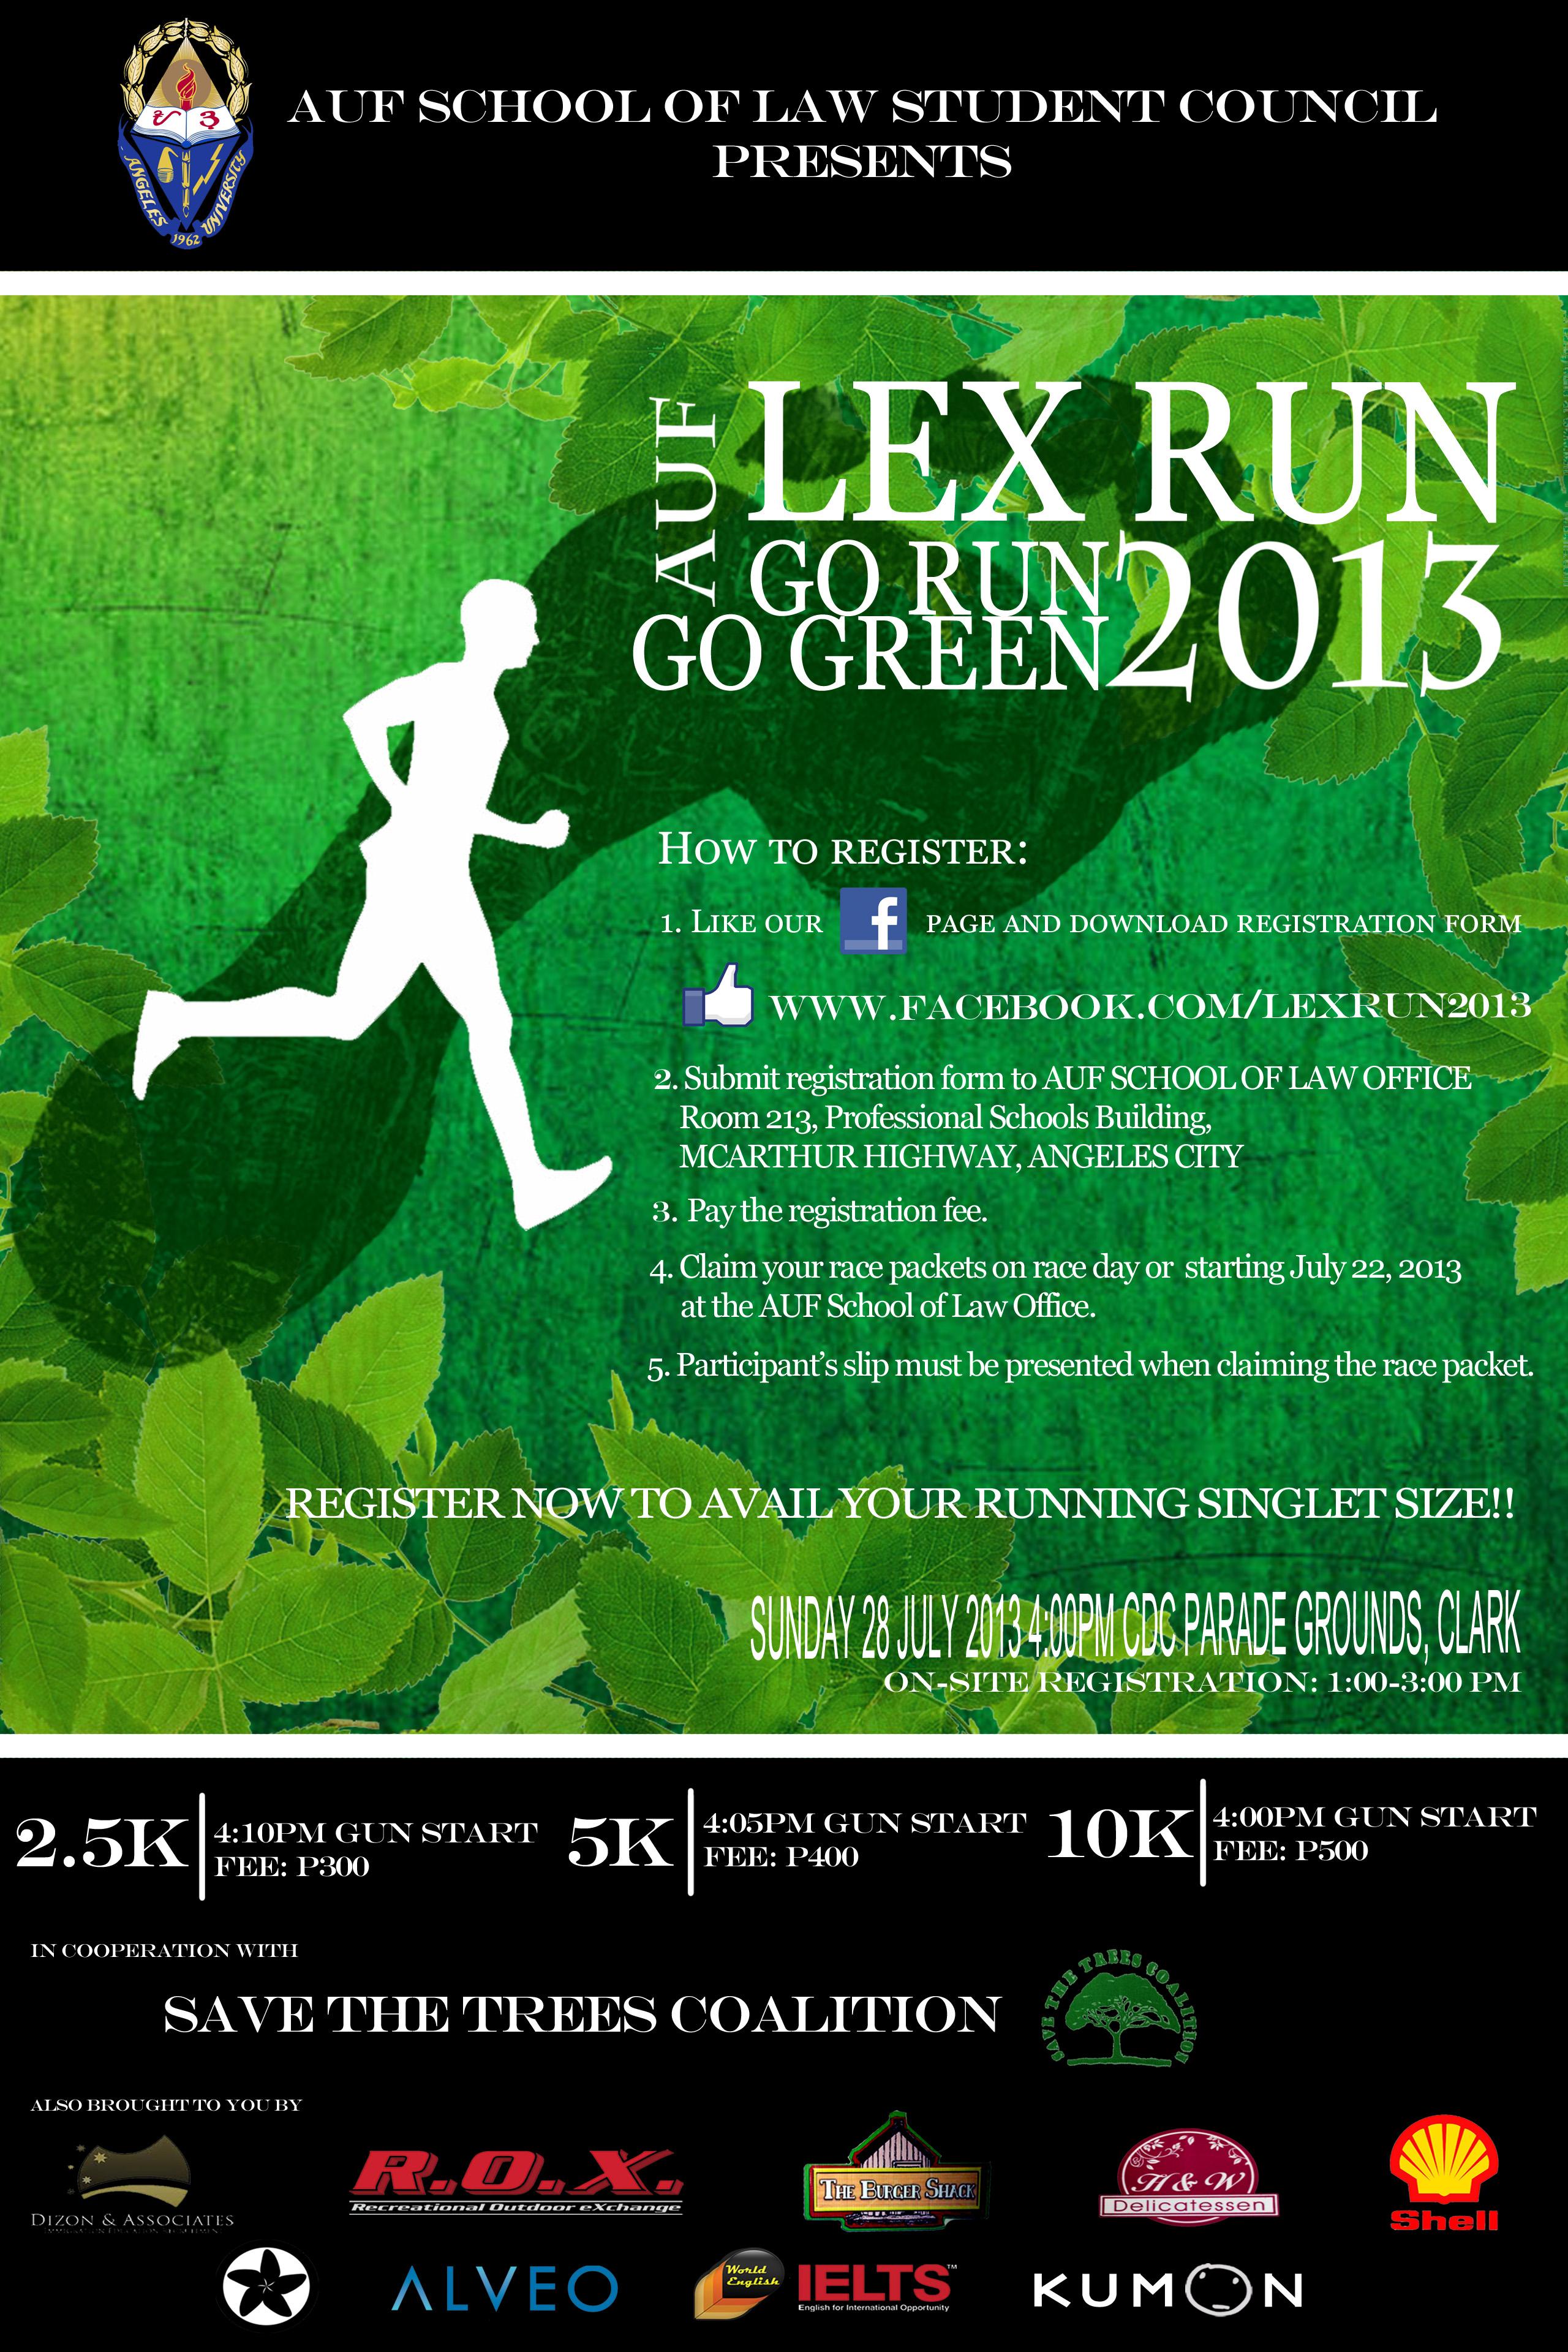 lex-run-2013-poster.jpg